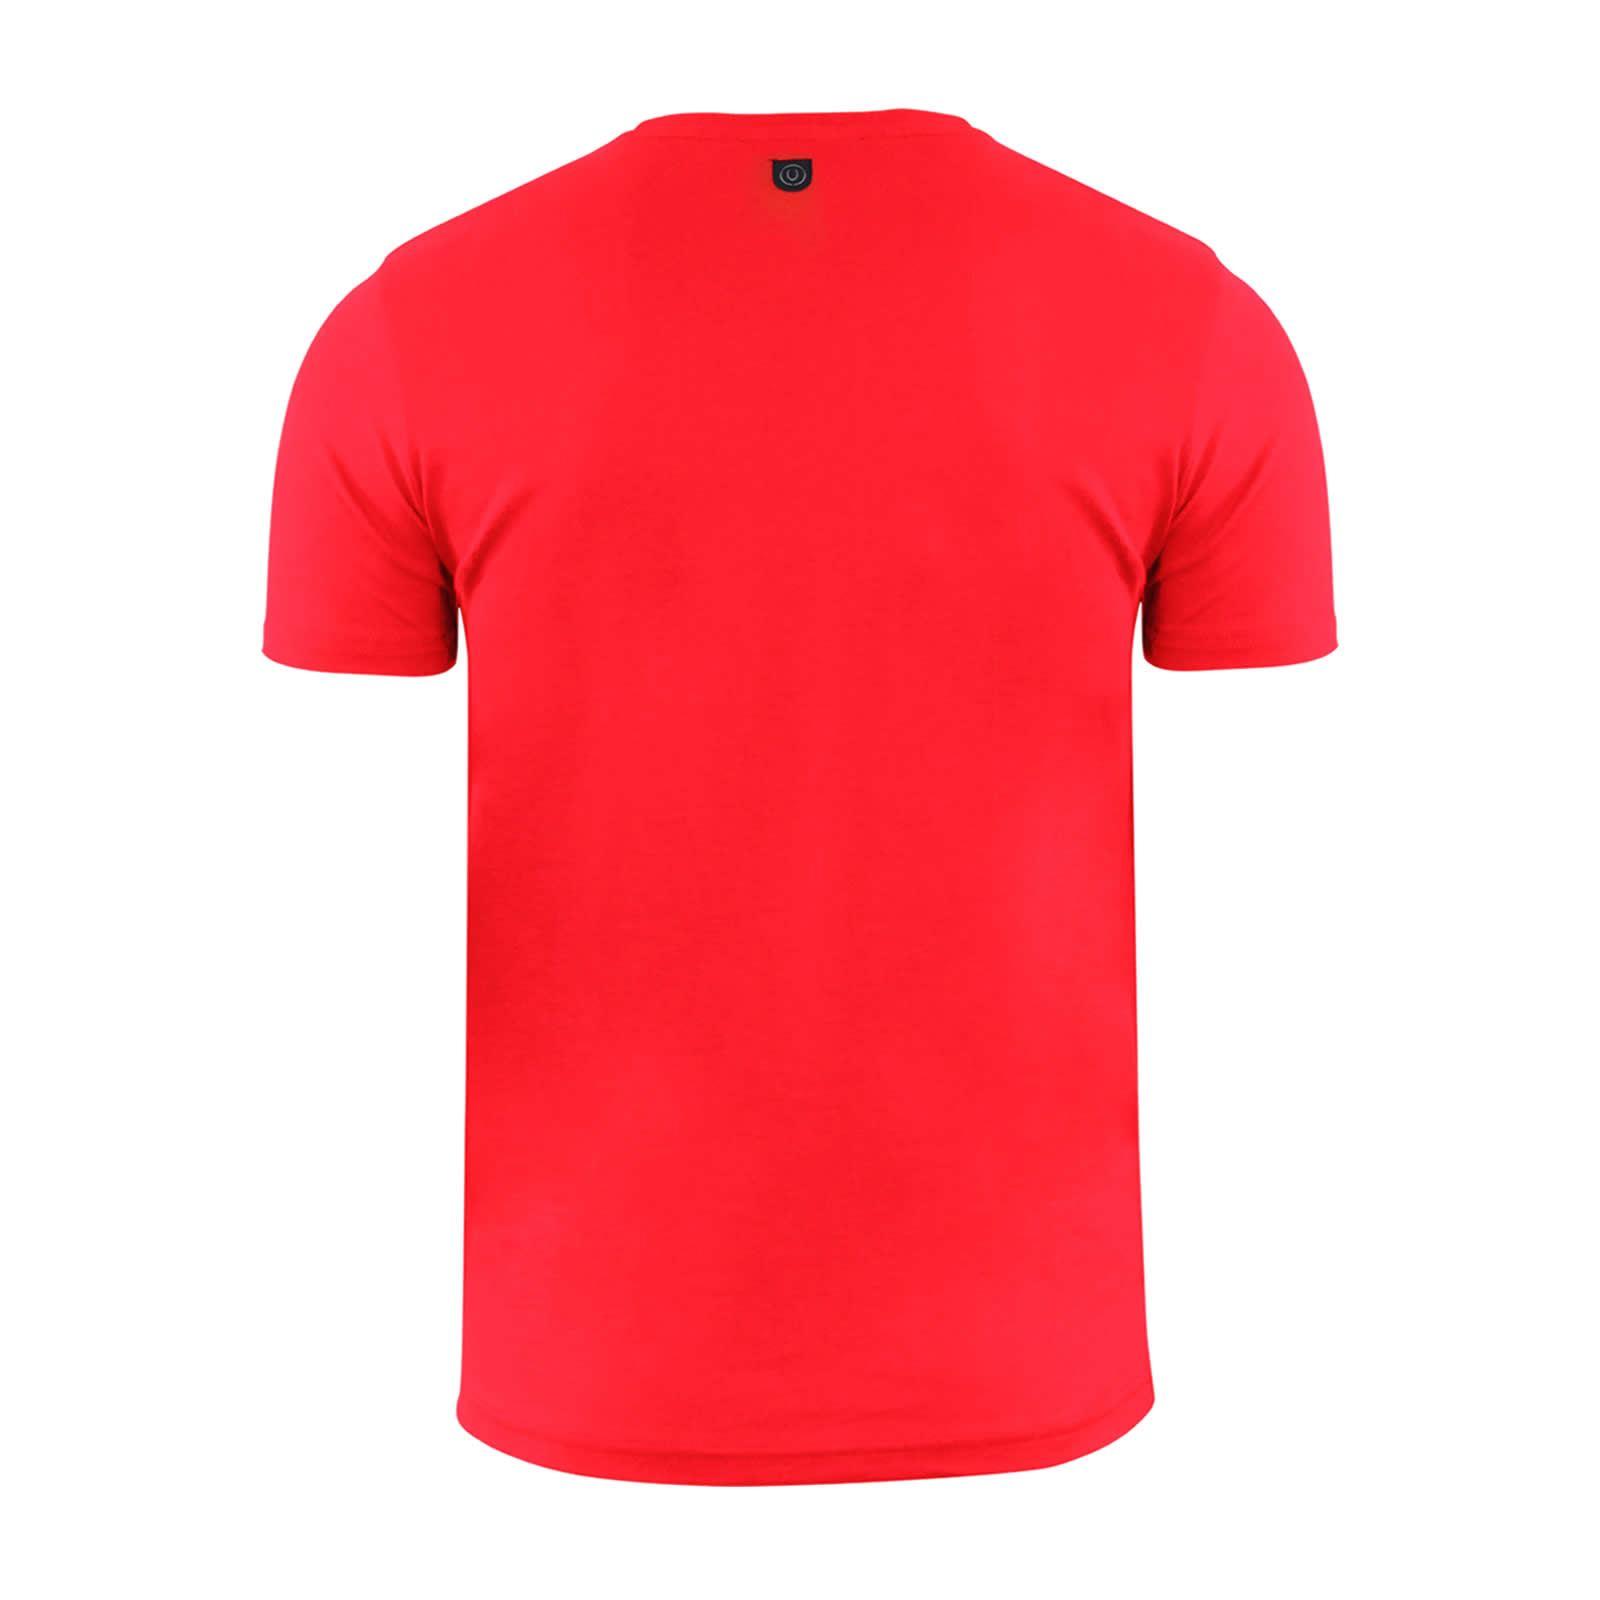 miniature 3 - Hommes-T-Shirt-Duck-amp-Cover-Quoins-coton-graphique-a-encolure-ras-du-cou-a-manches-courtes-Tee